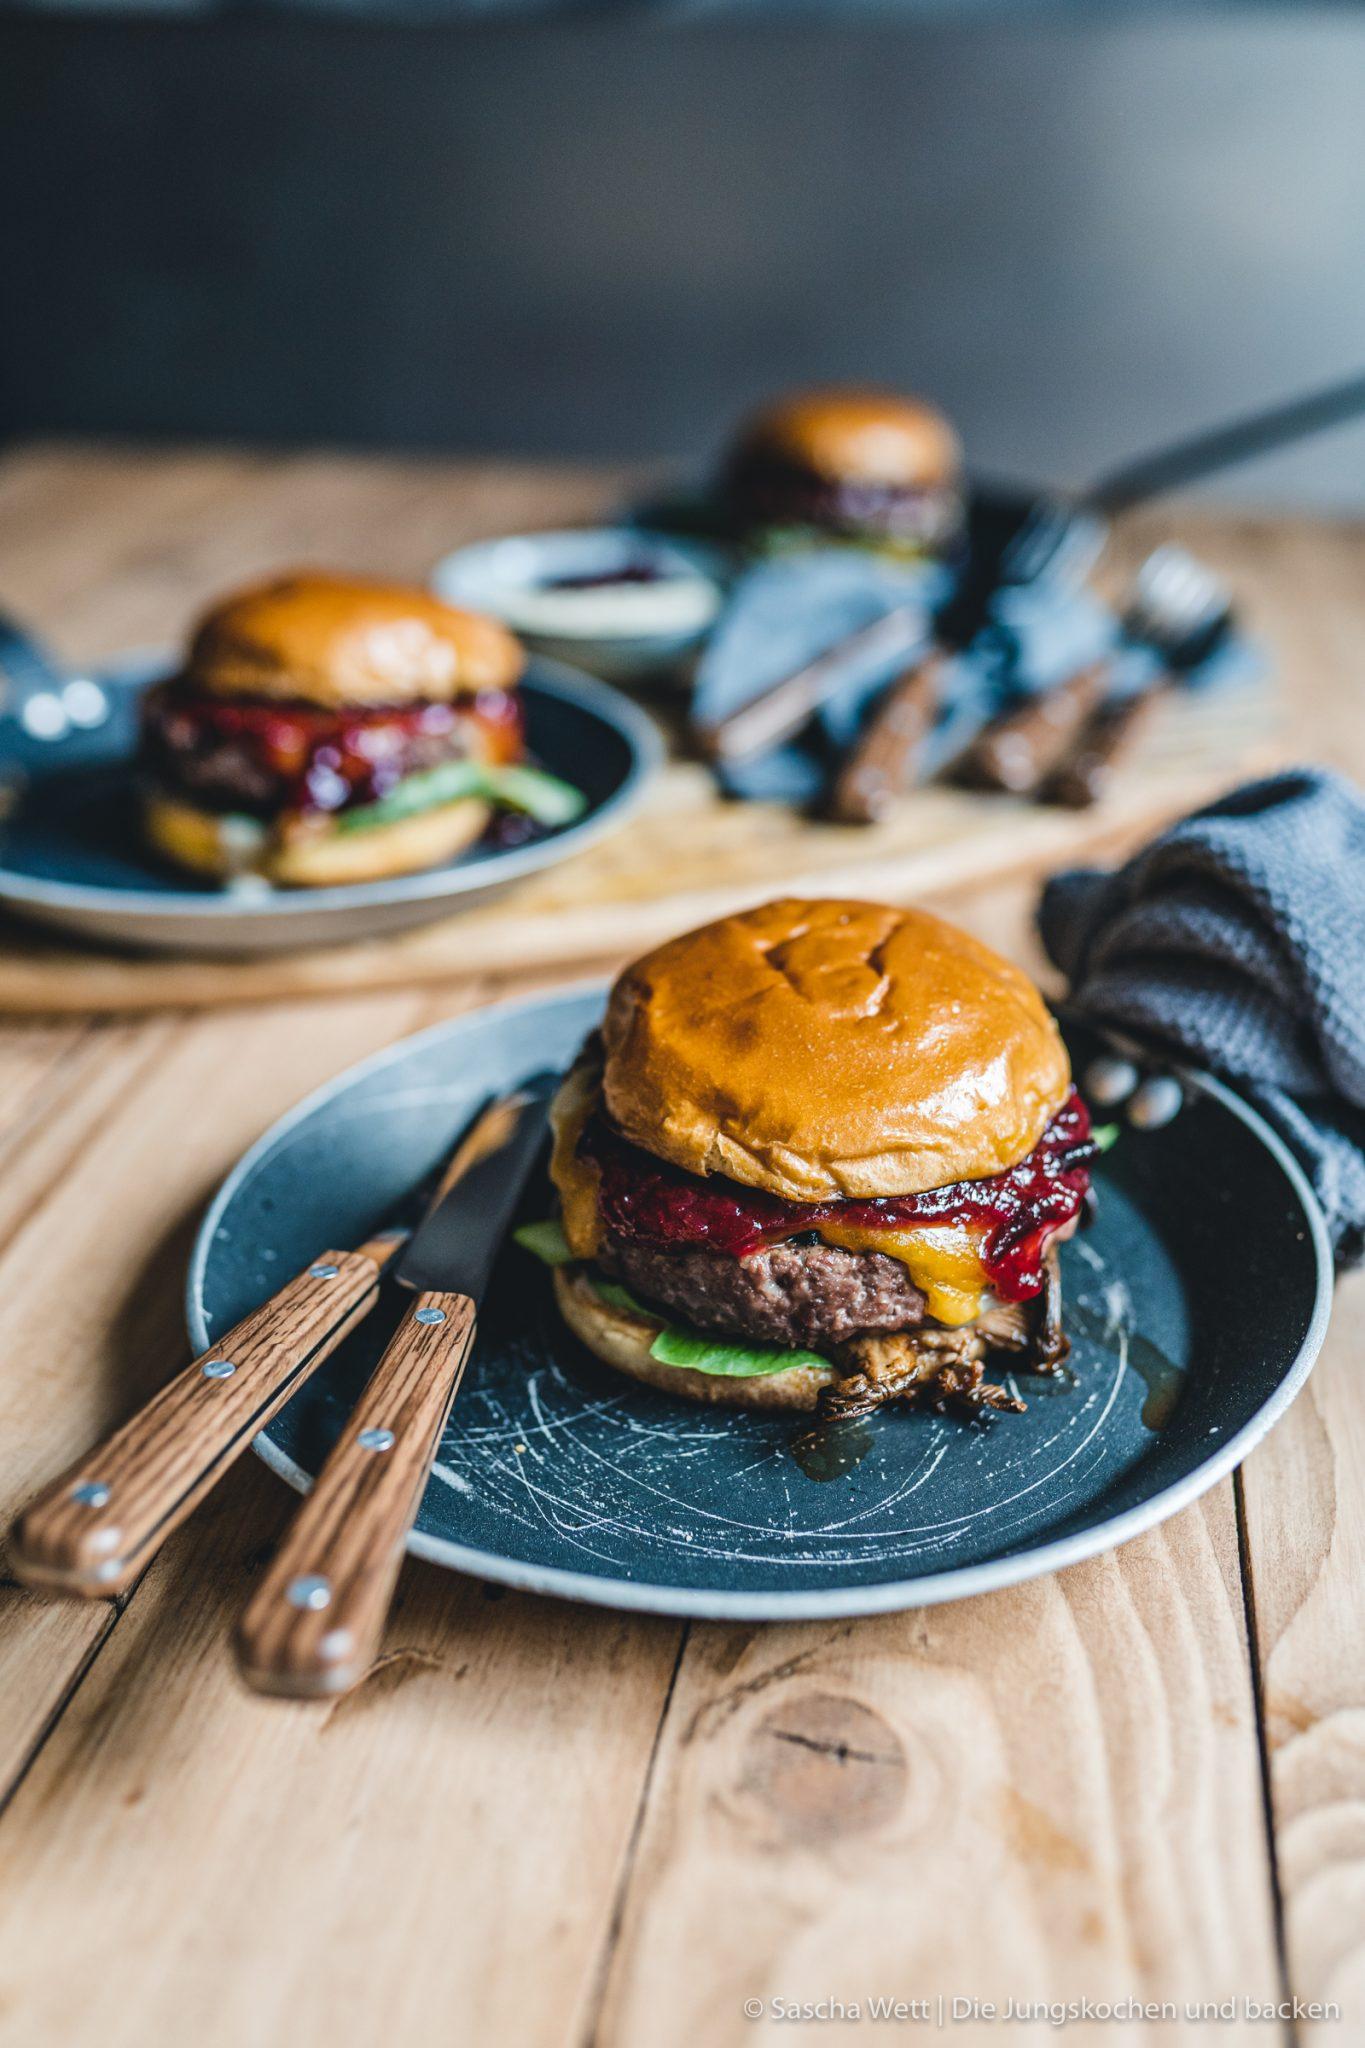 Wildschwein Burger_Kerrygold-43